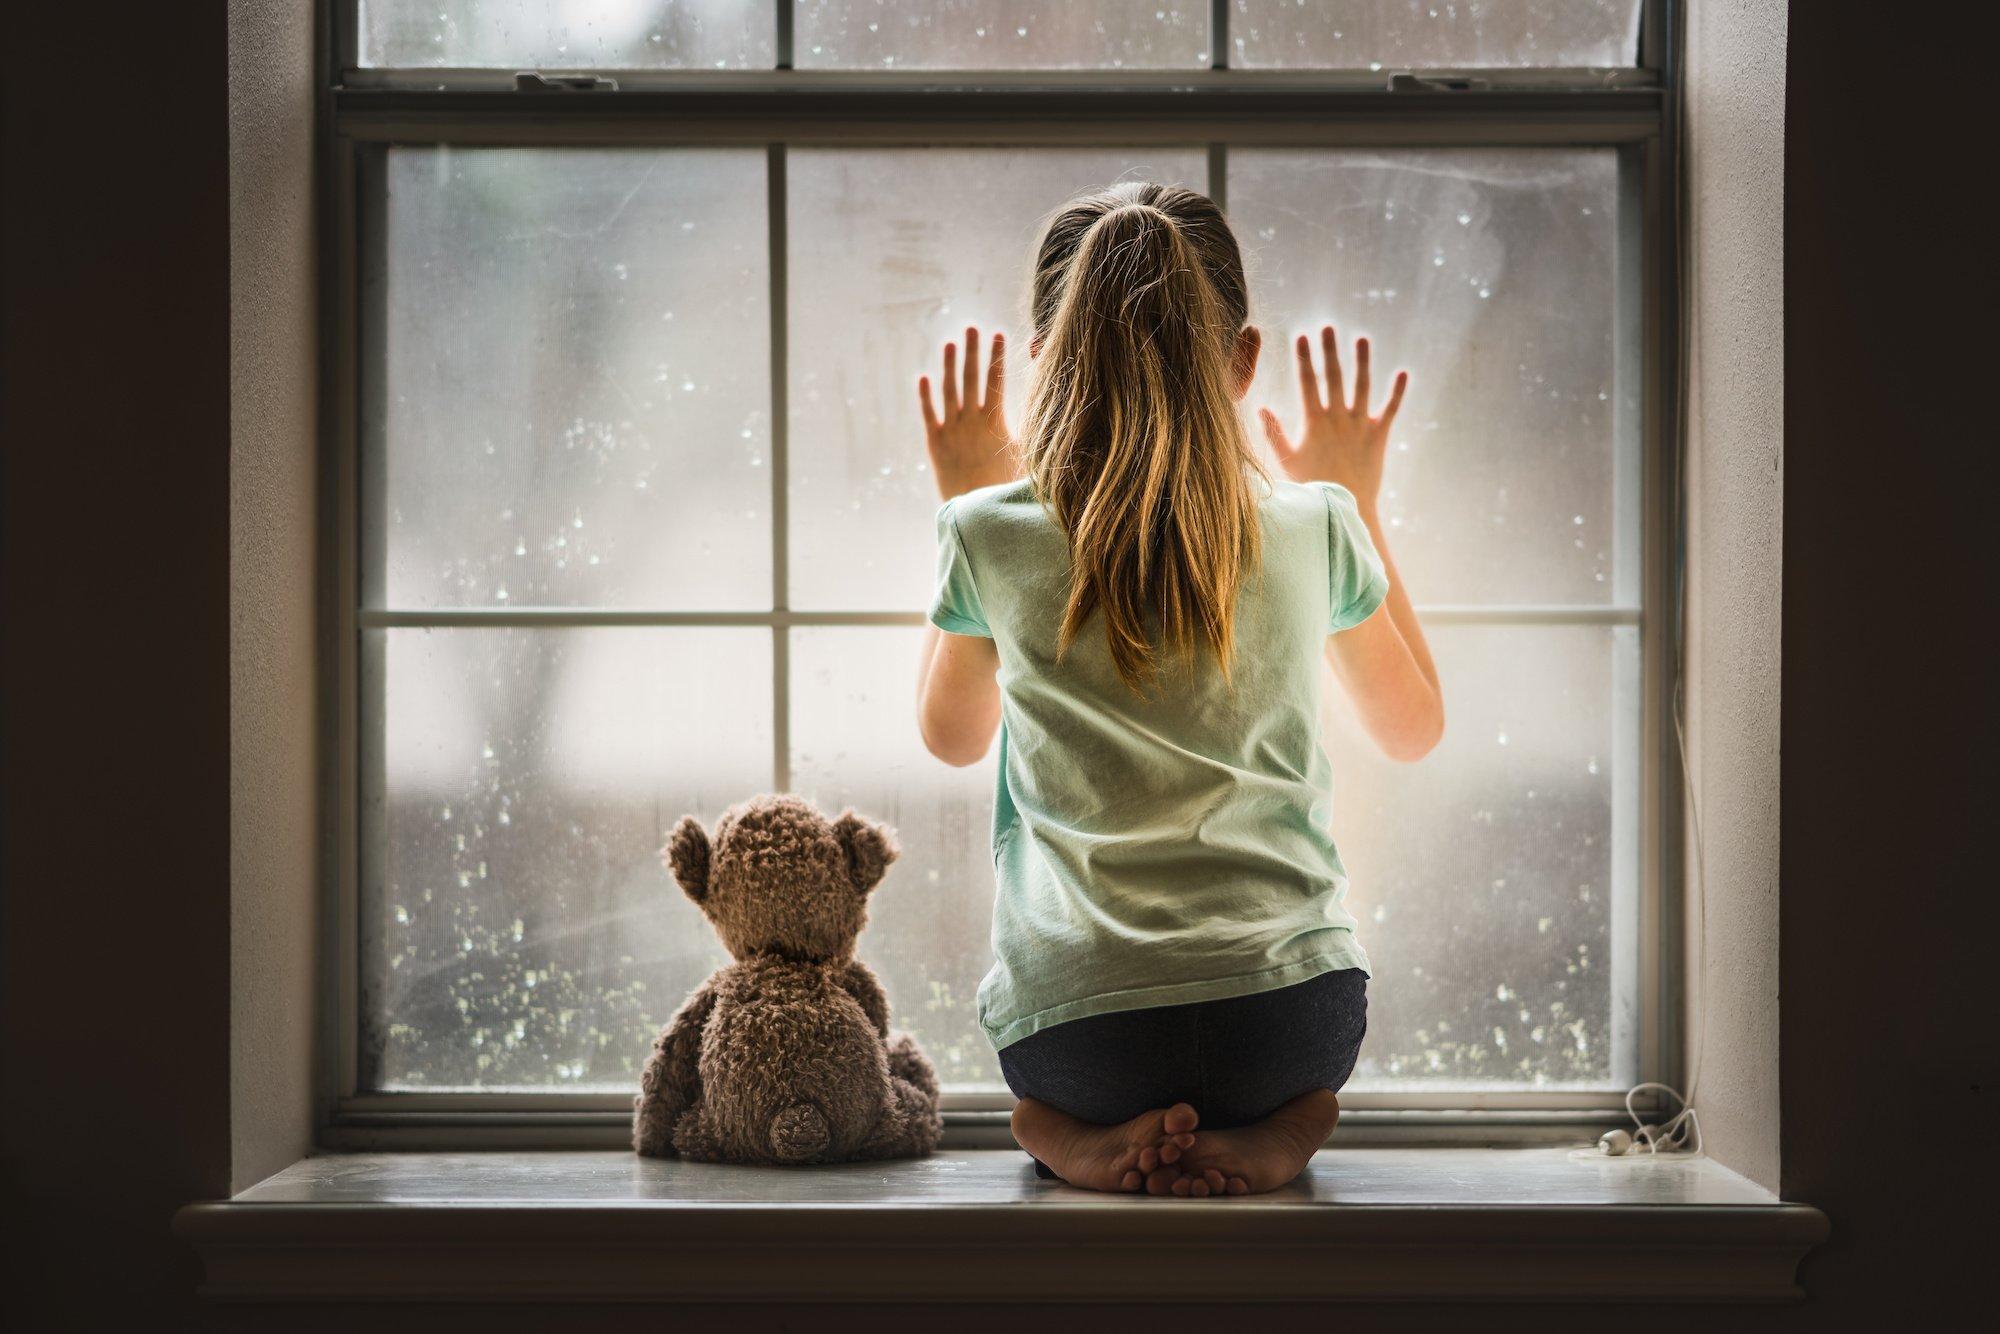 Mädchen mit Heimweh guckt aus dem Fenster mit Bär